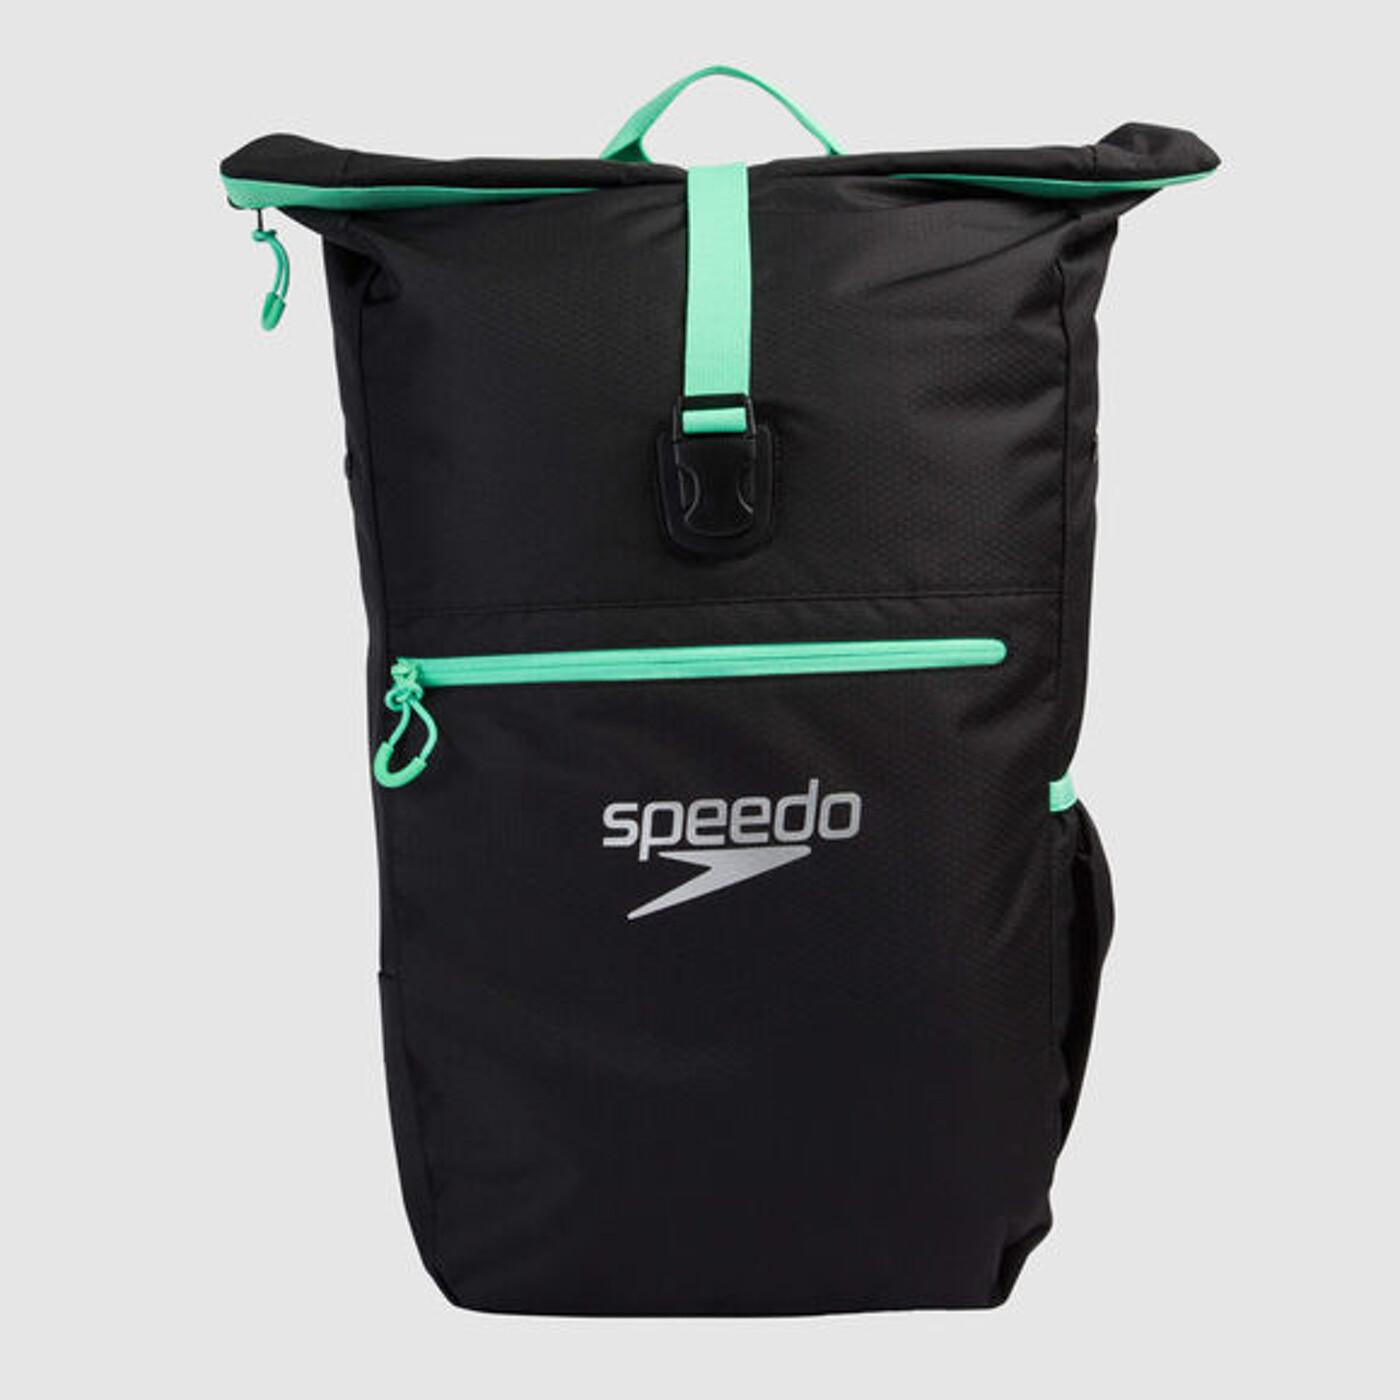 SPEEDO Team Rucksack III BLACK/GREEN